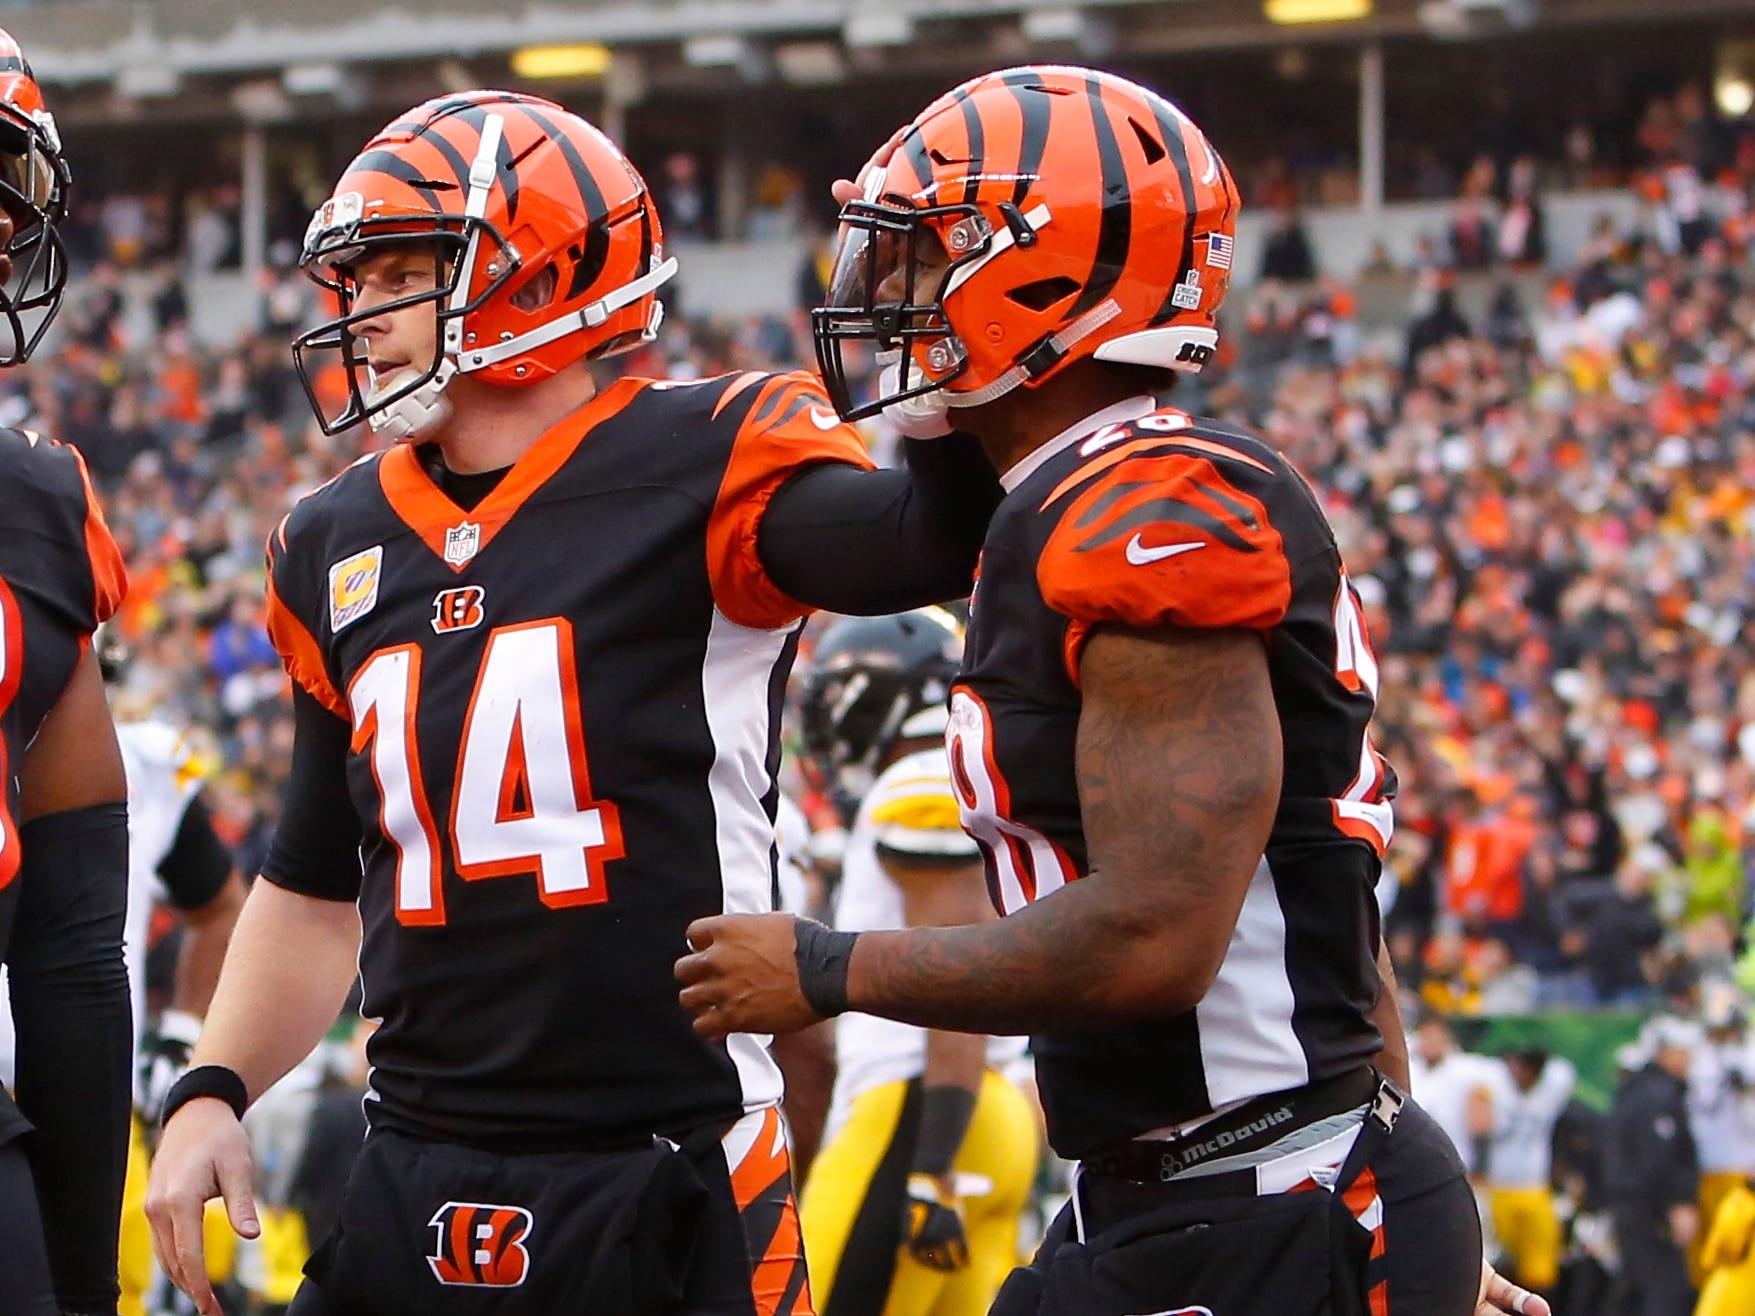 21. Cincinnati Bengals